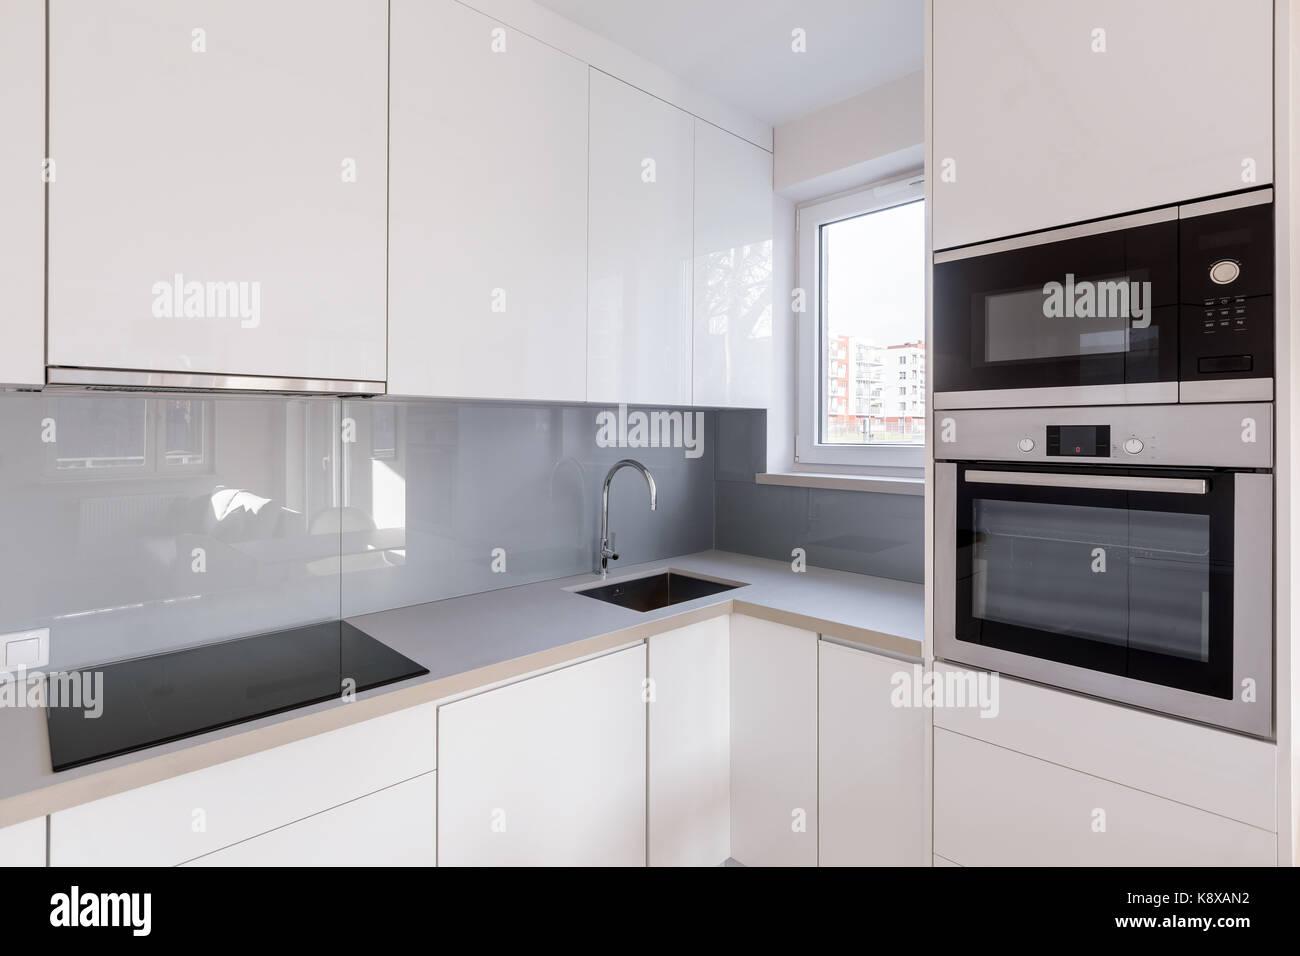 Moderne Küche Mit Weißen Schränke, Hochglanz Fliesen Und Neue Mikrowelle  Und Backofen